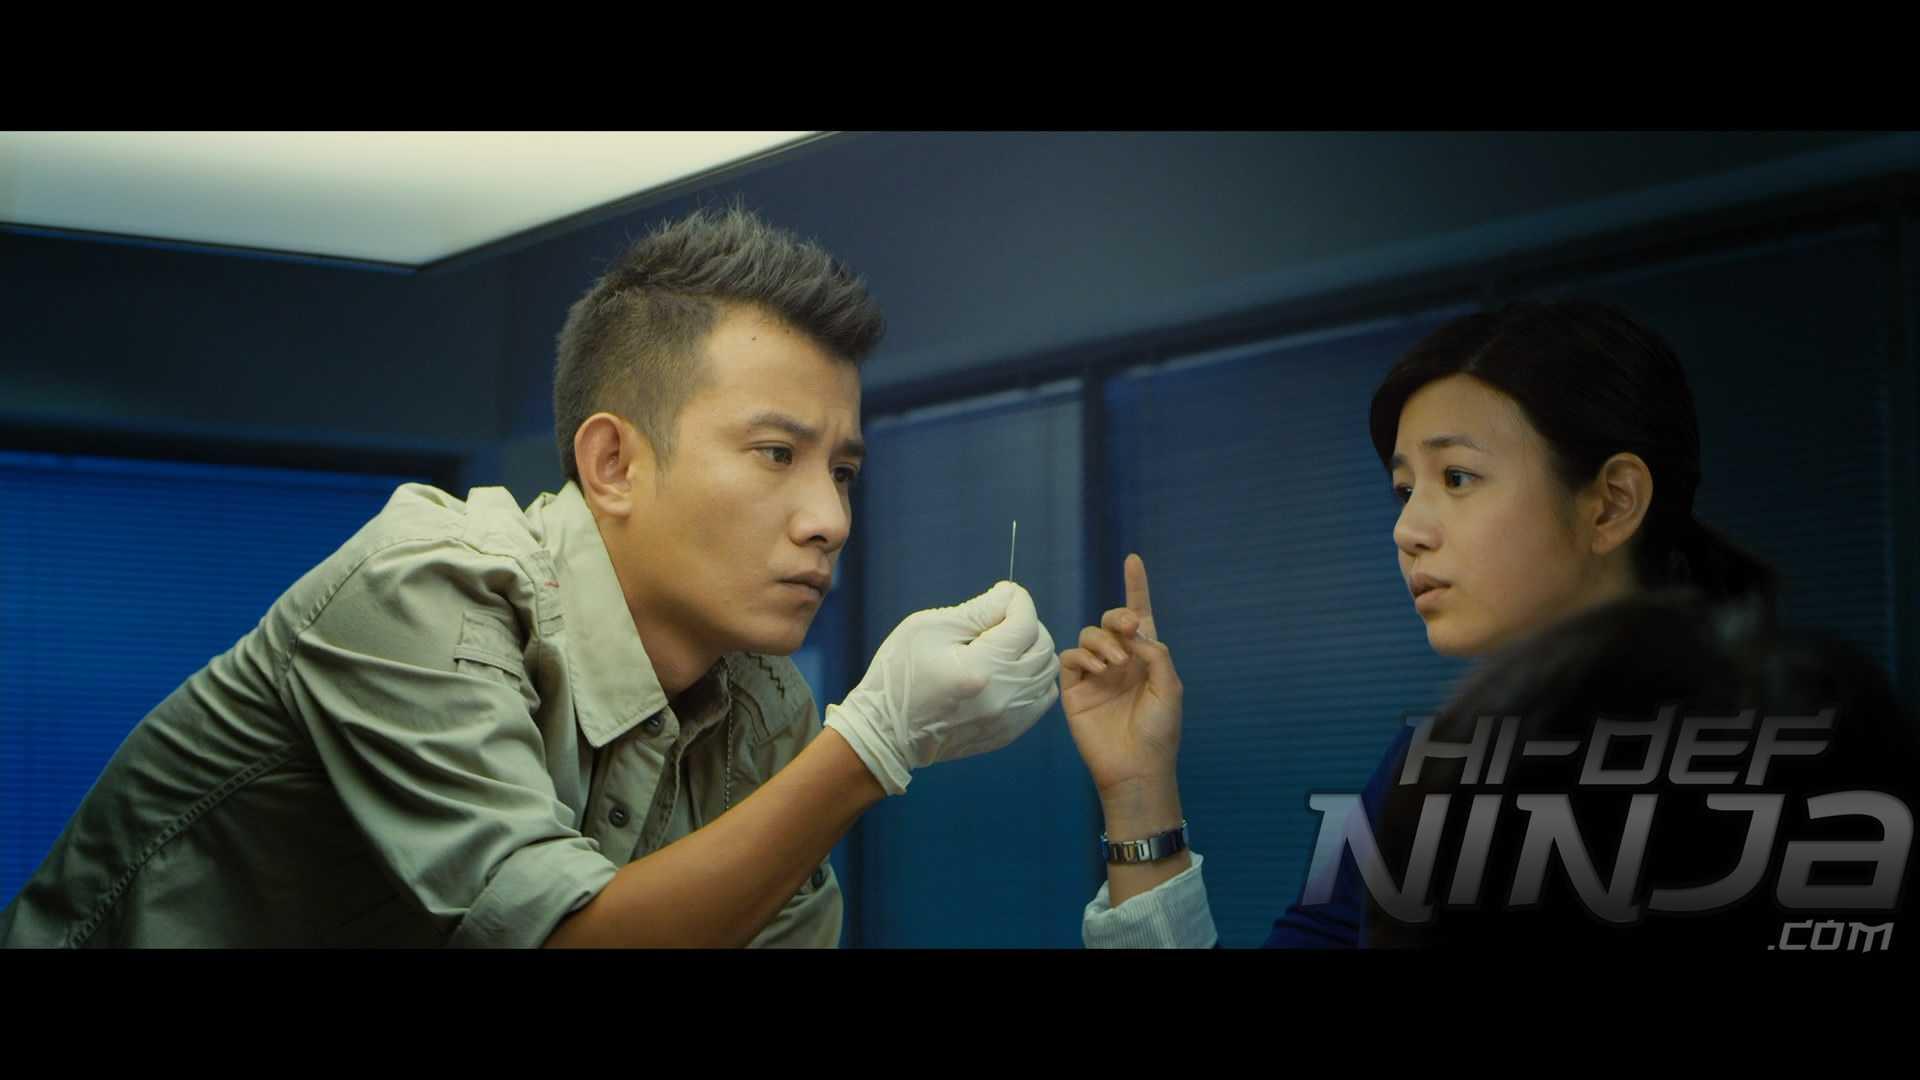 Badges Of Fury Blu Ray Review Hi Def Ninja Blu Ray Steelbooks